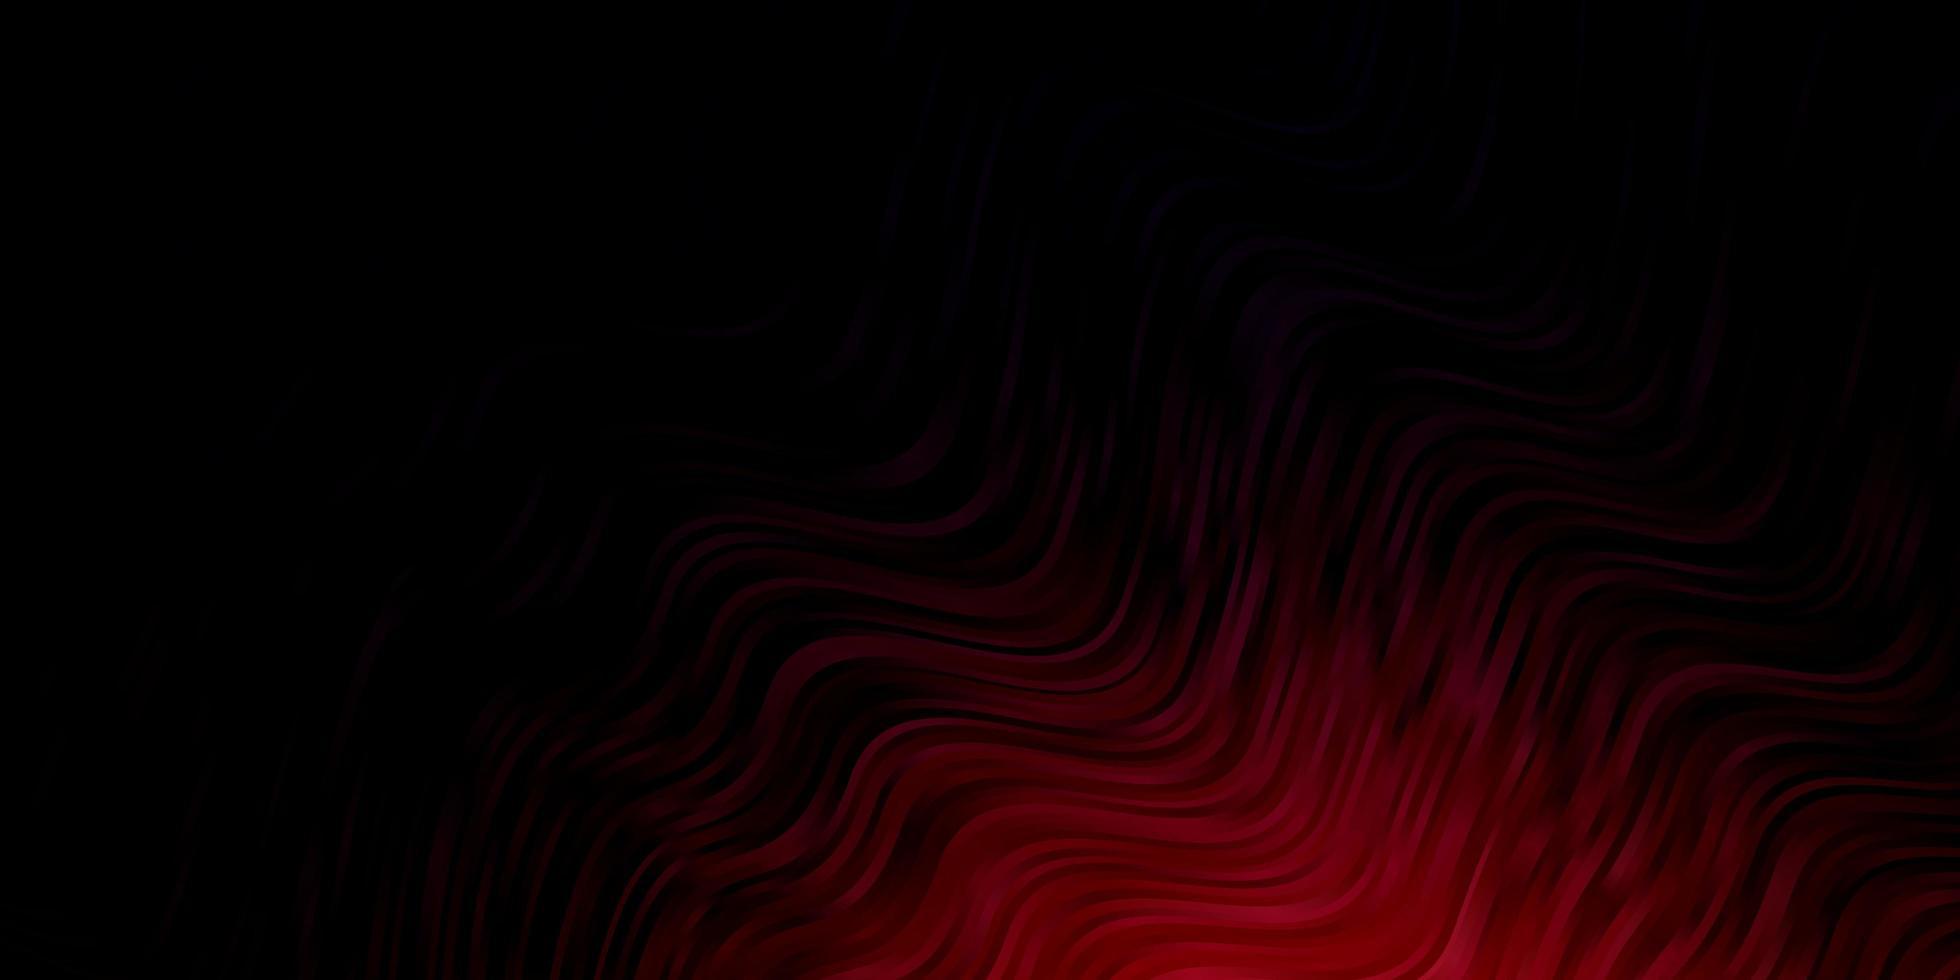 motivo rosso scuro con linee ironiche. vettore